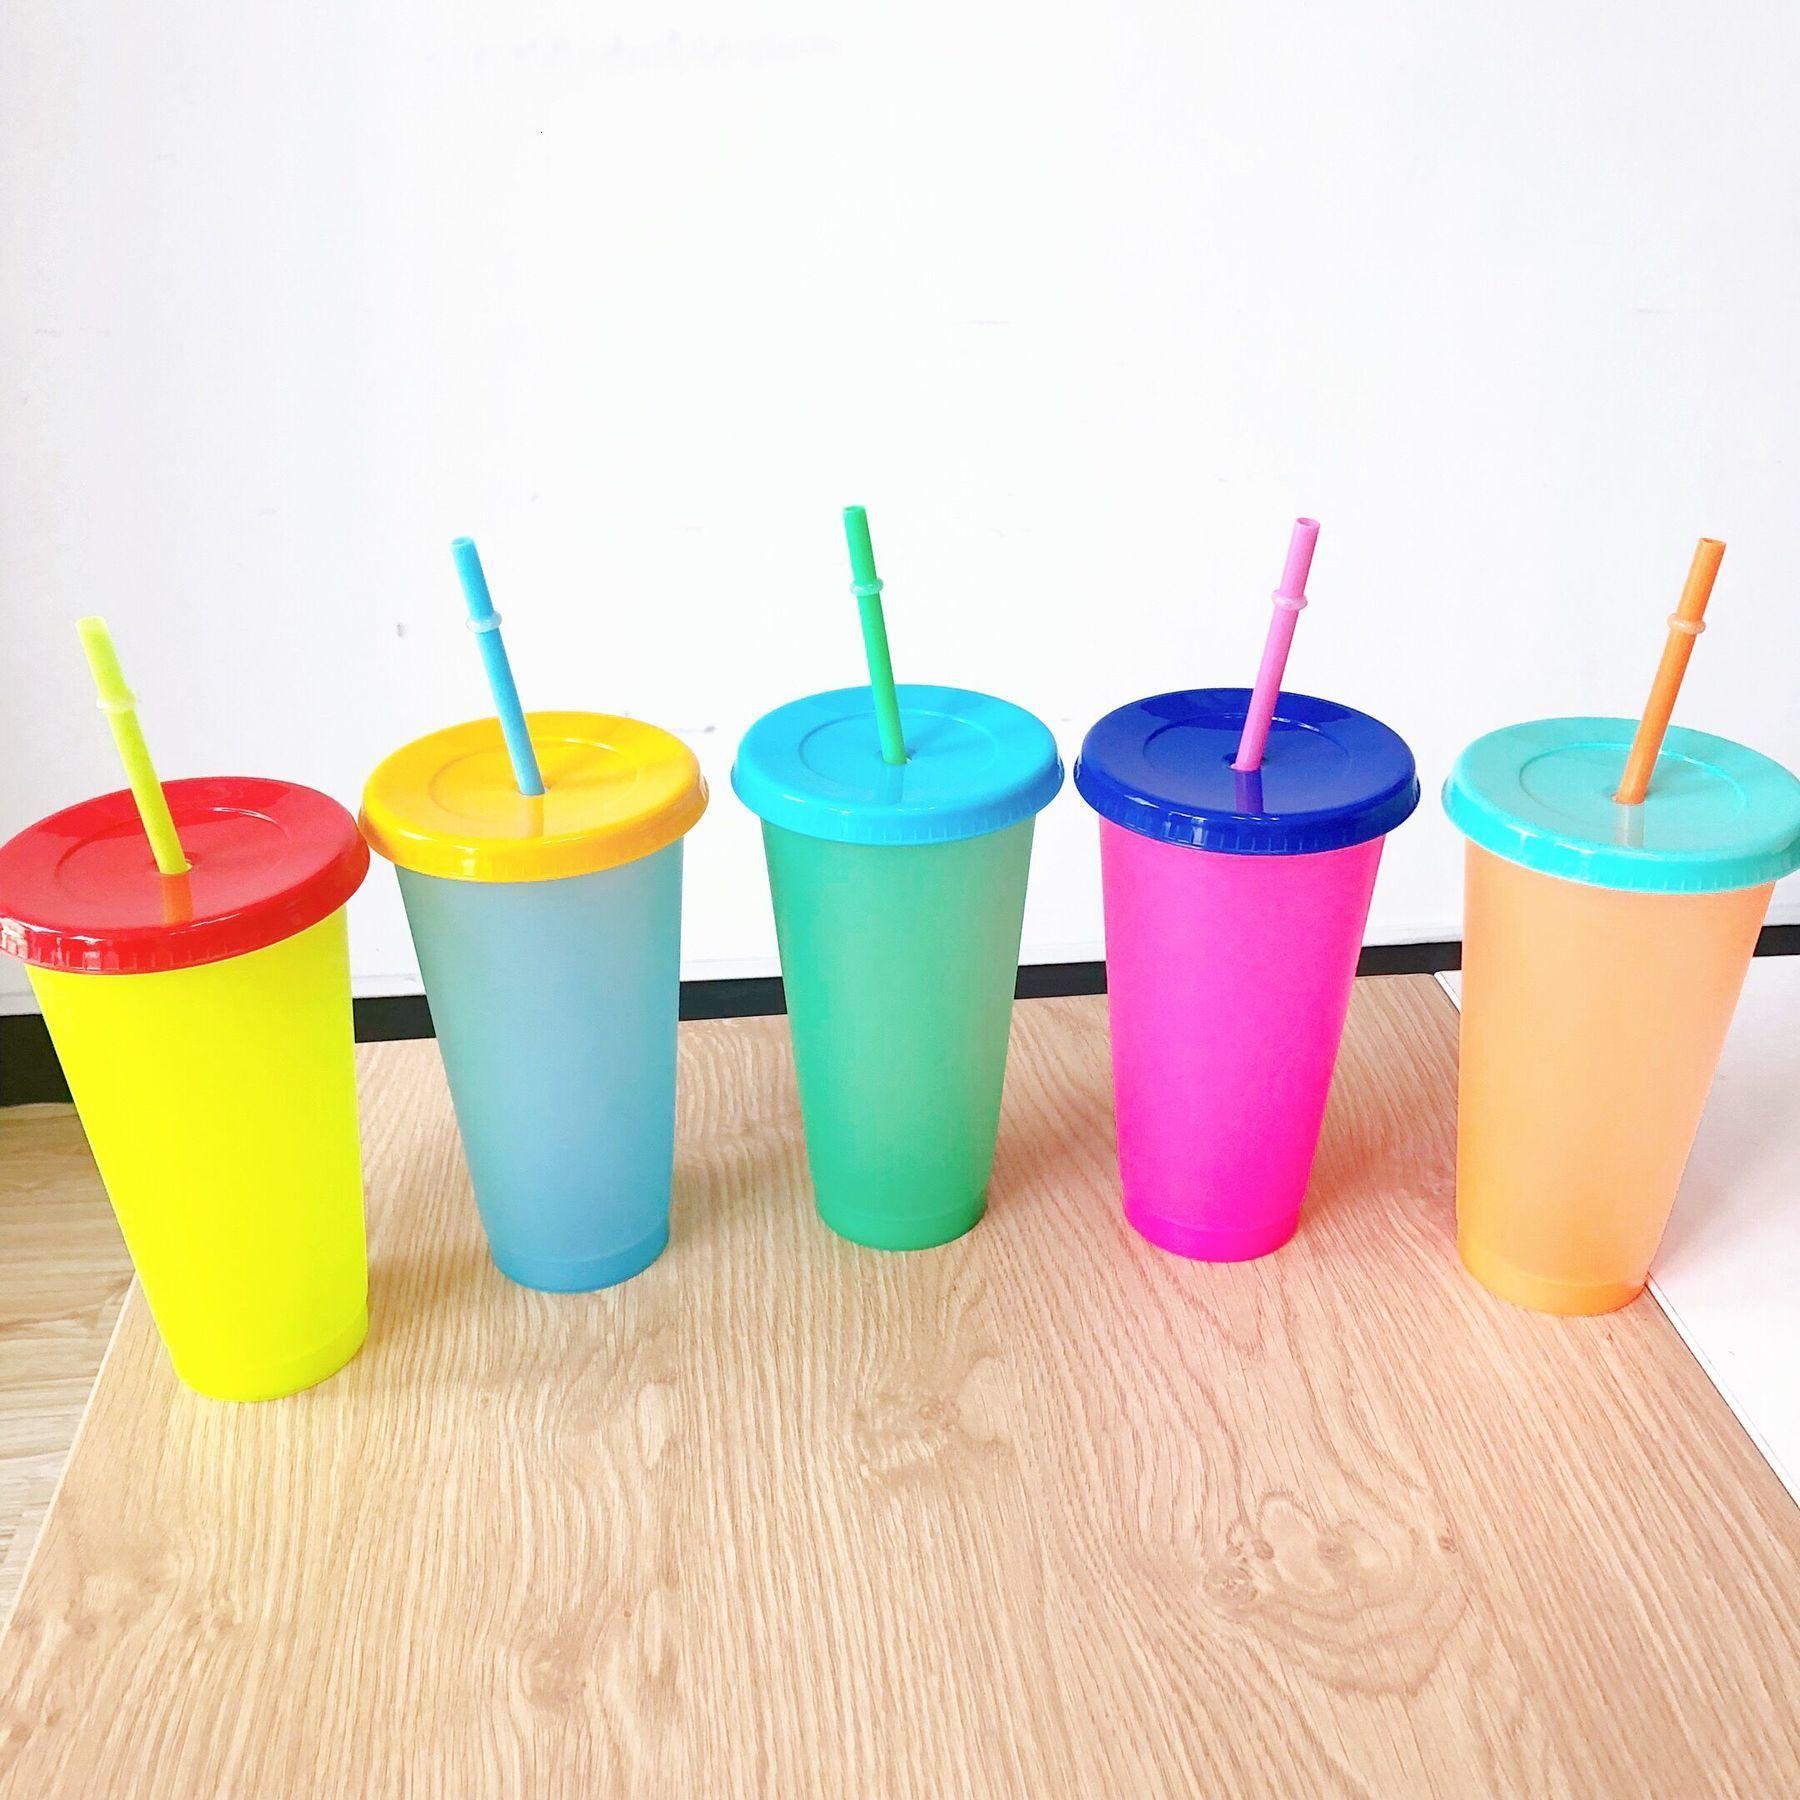 700ml Colore Cambiare tazze in plastica magica bicchieri di plastica tazza con coperchio di caramelle di paglia colors riutilizzabili bevande fredde riutilizzabili bottiglia d'acqua tazza di caffè ahrd